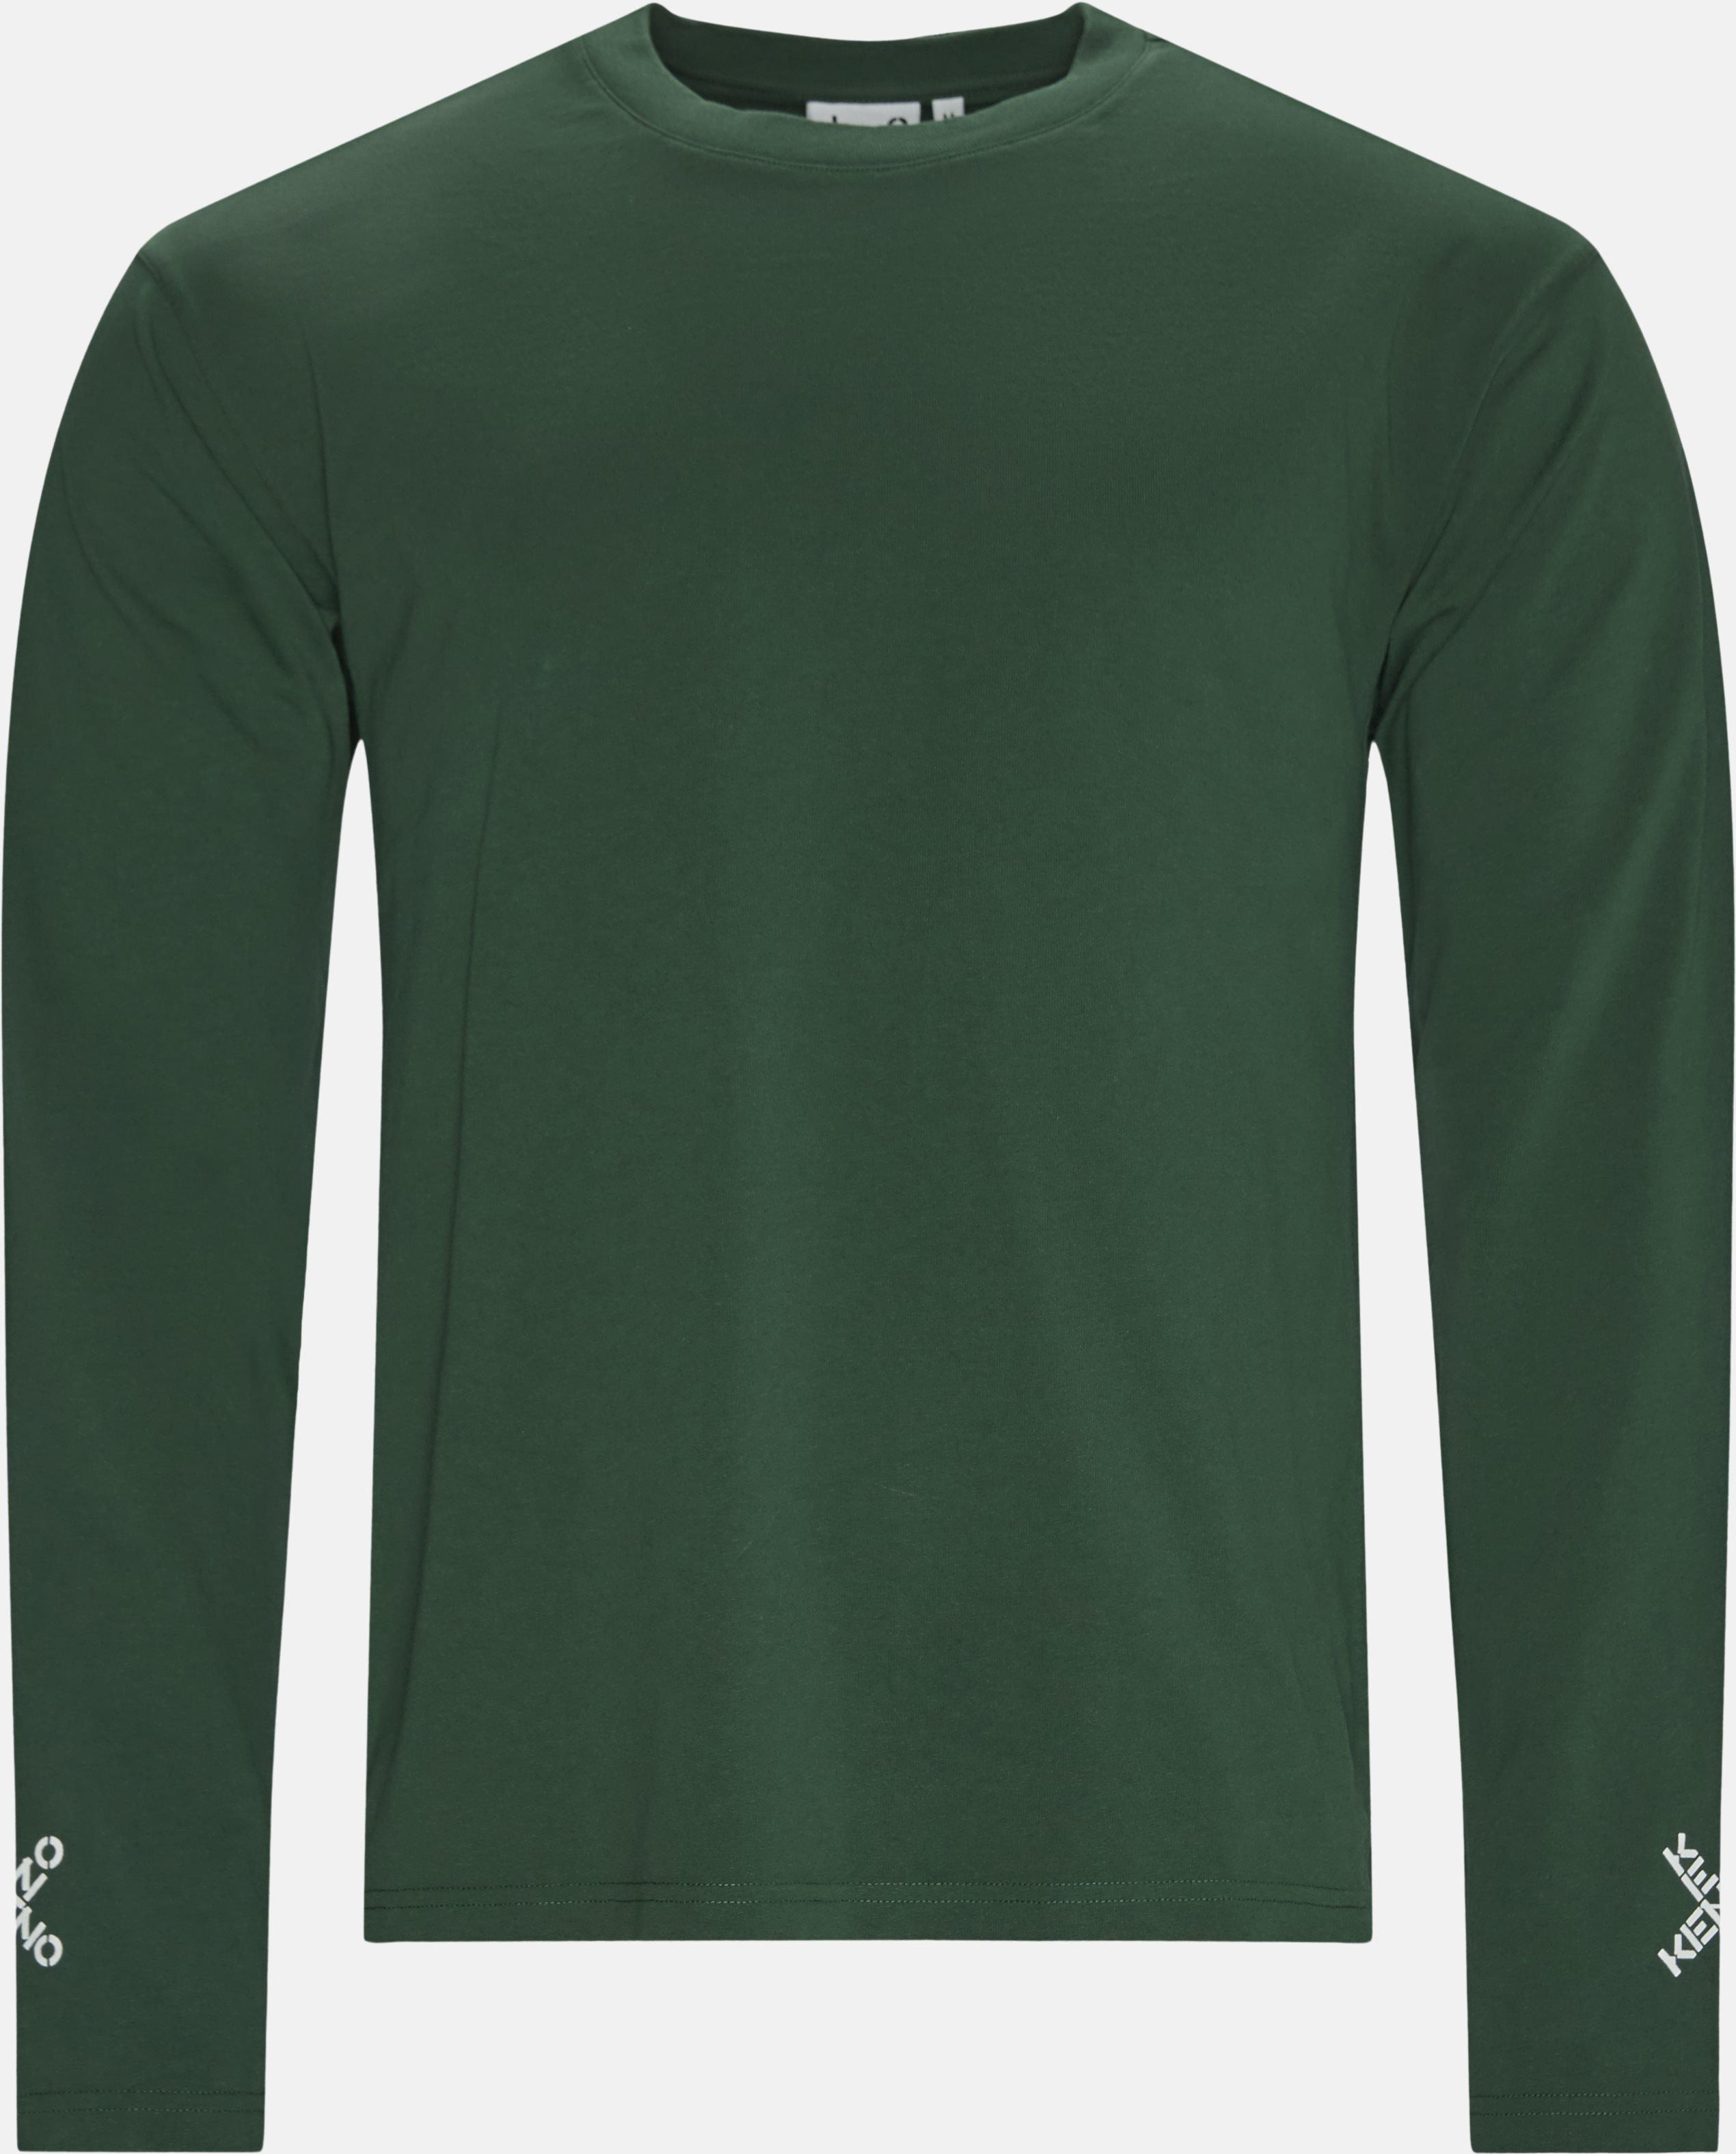 Langærmede t-shirts - Regular fit - Grøn